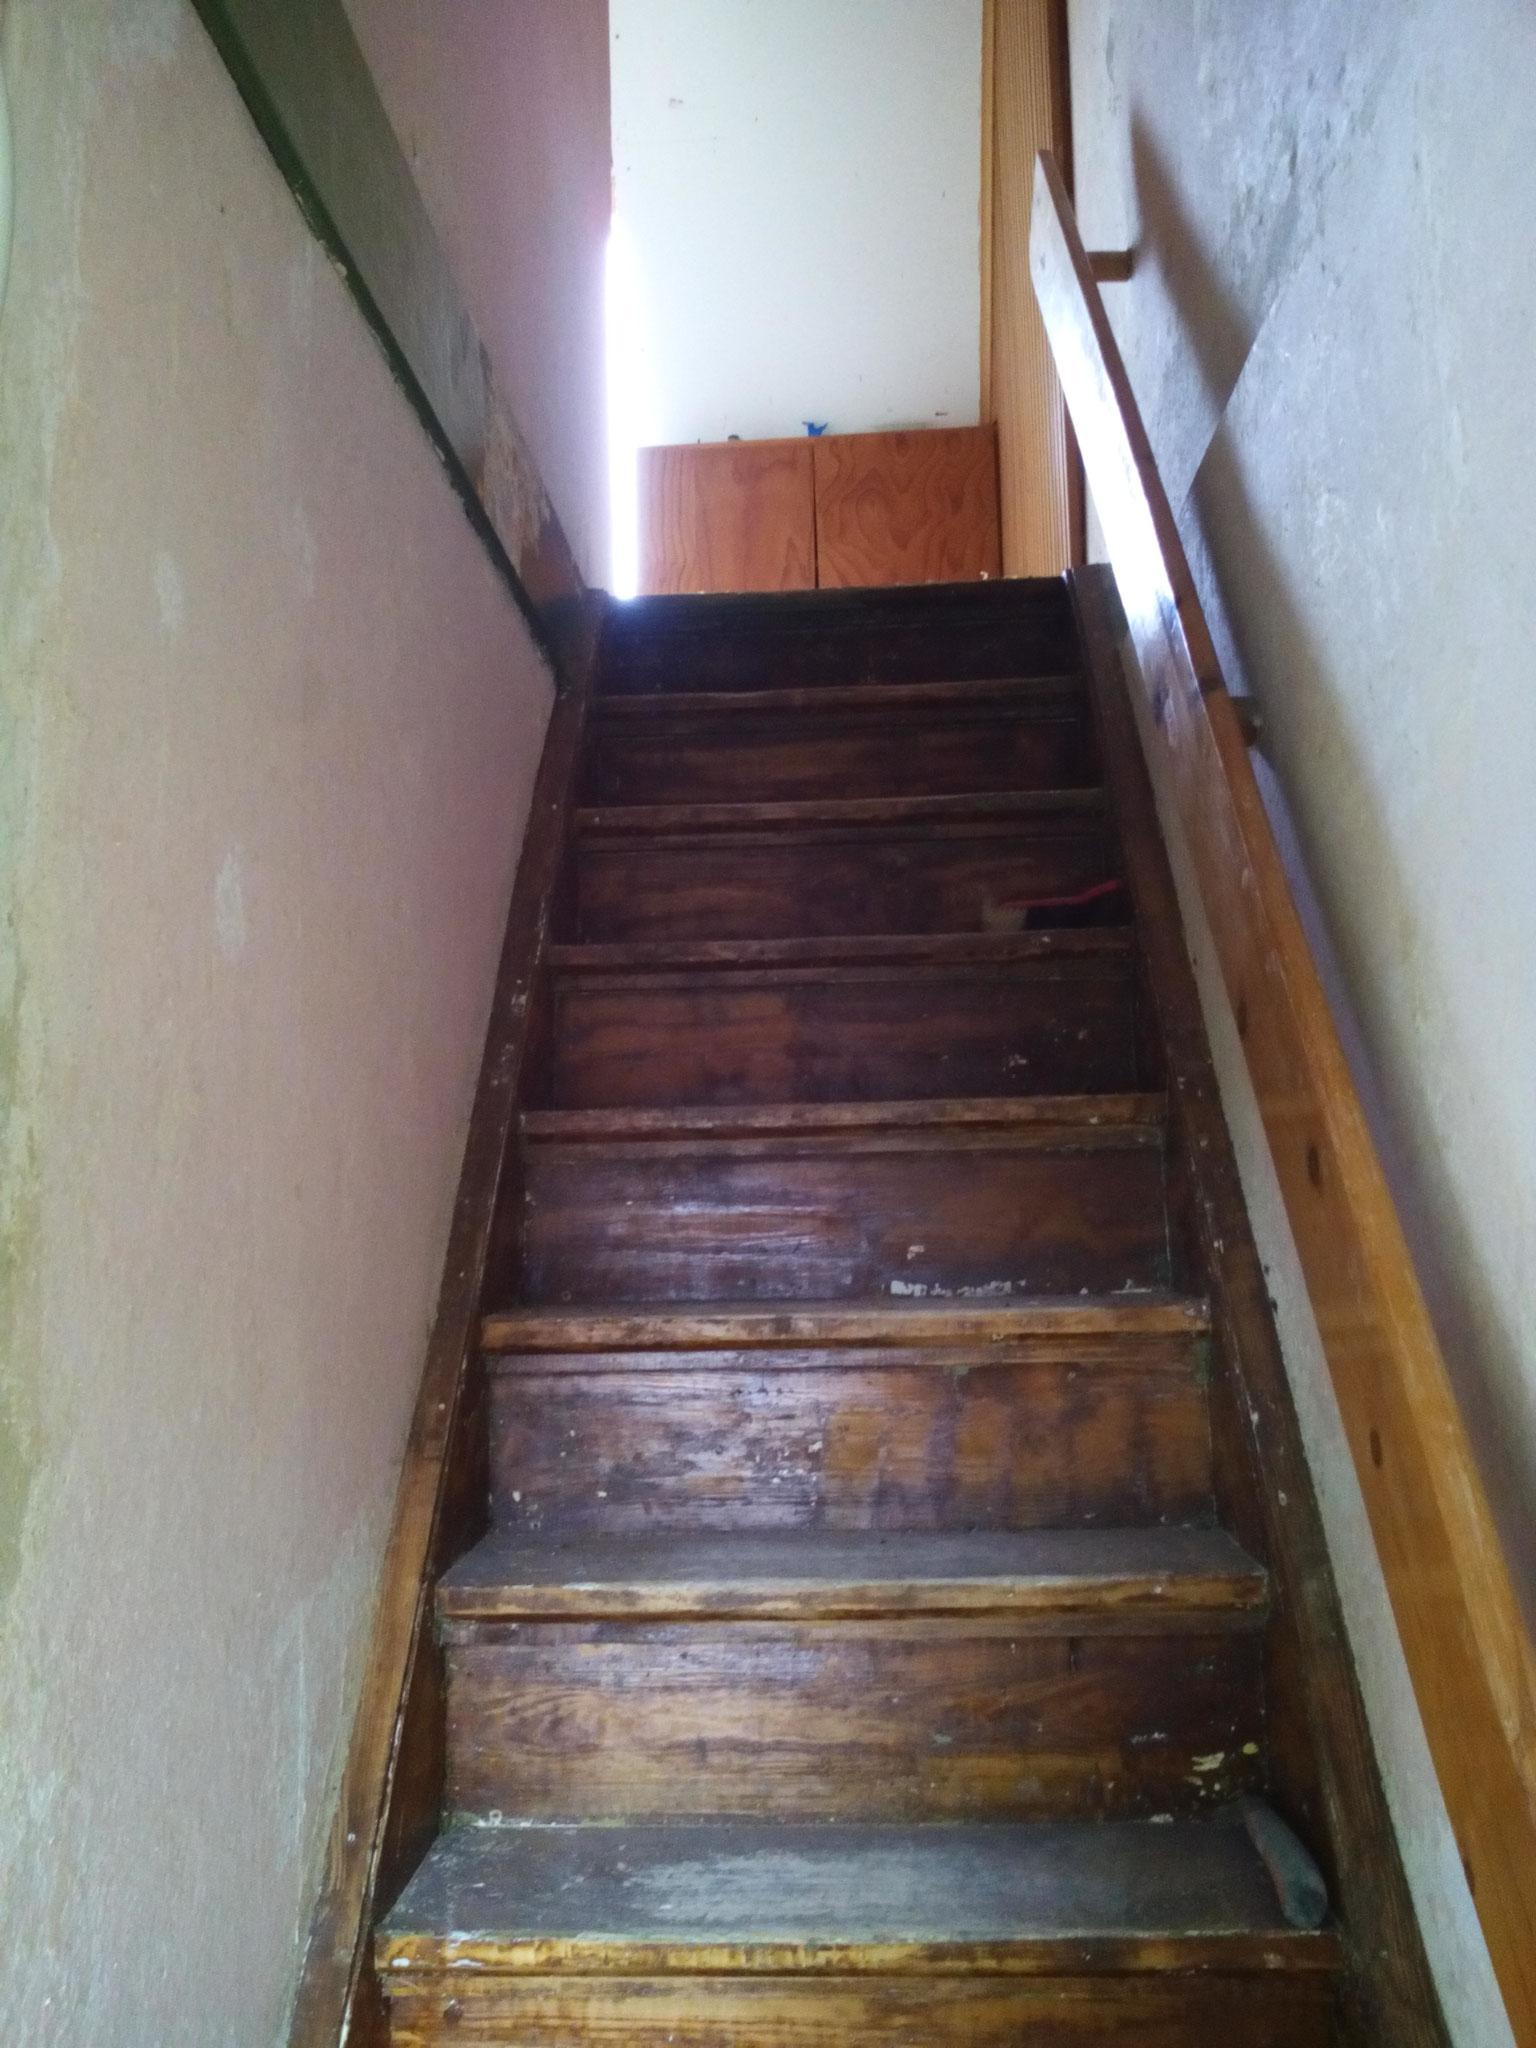 Holztreppe ist mit grünem Lack überzogen gewesen